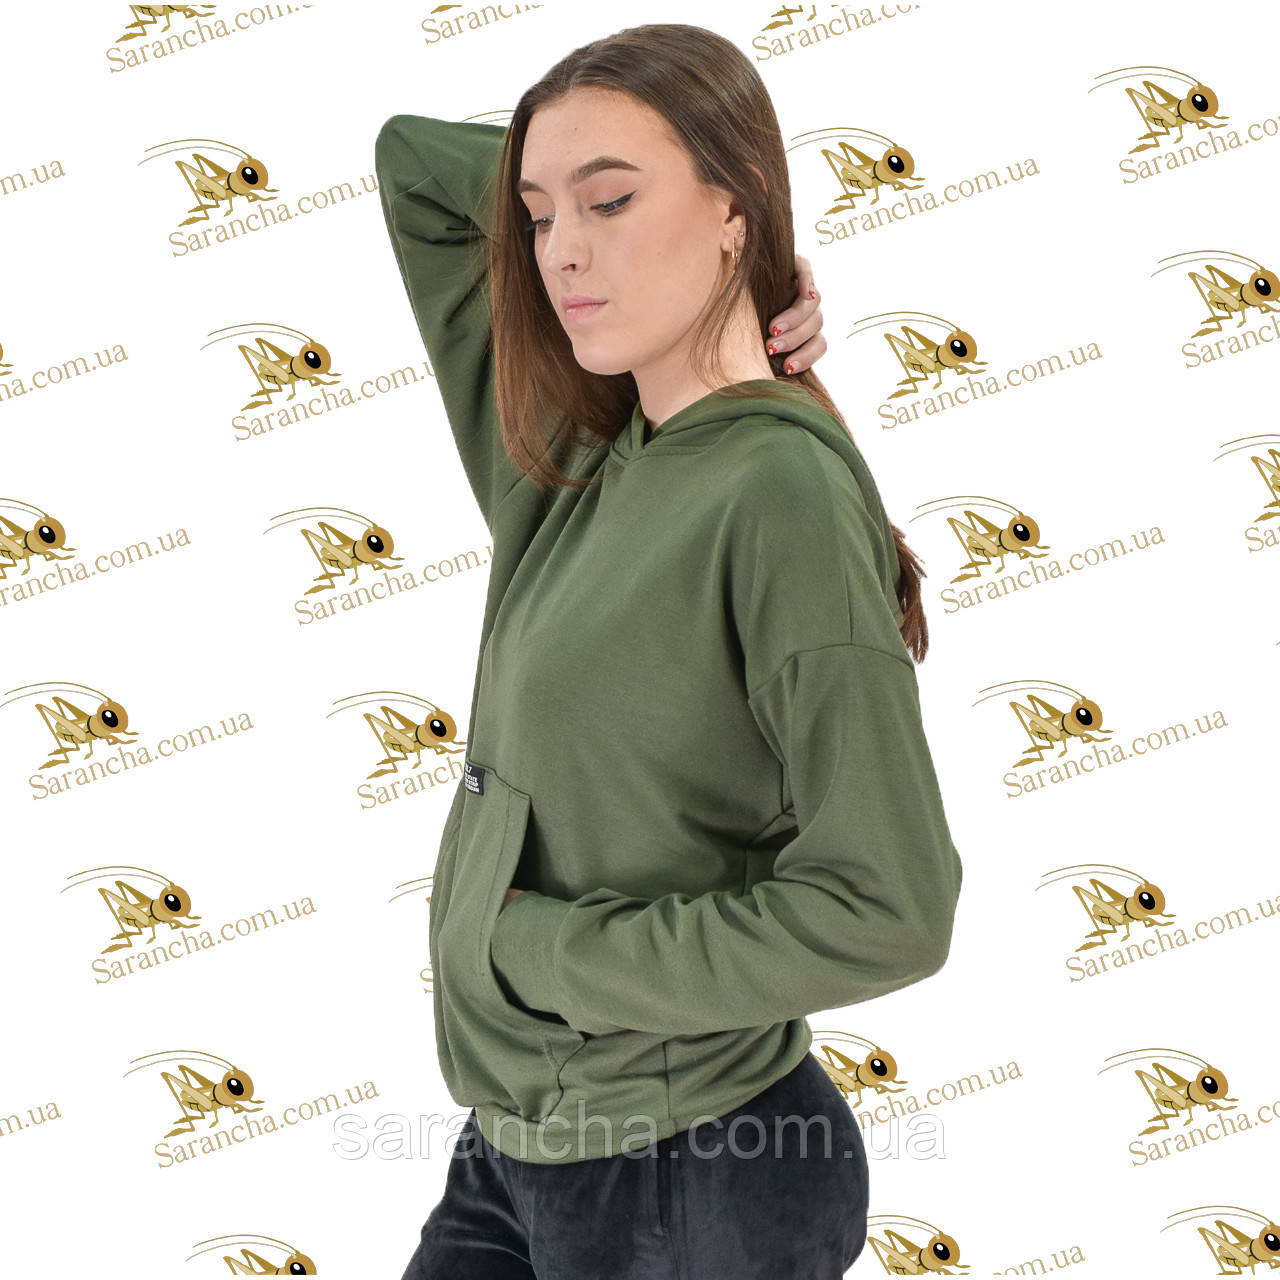 Лонгслив женский с капюшоном цвет хаки двунитка